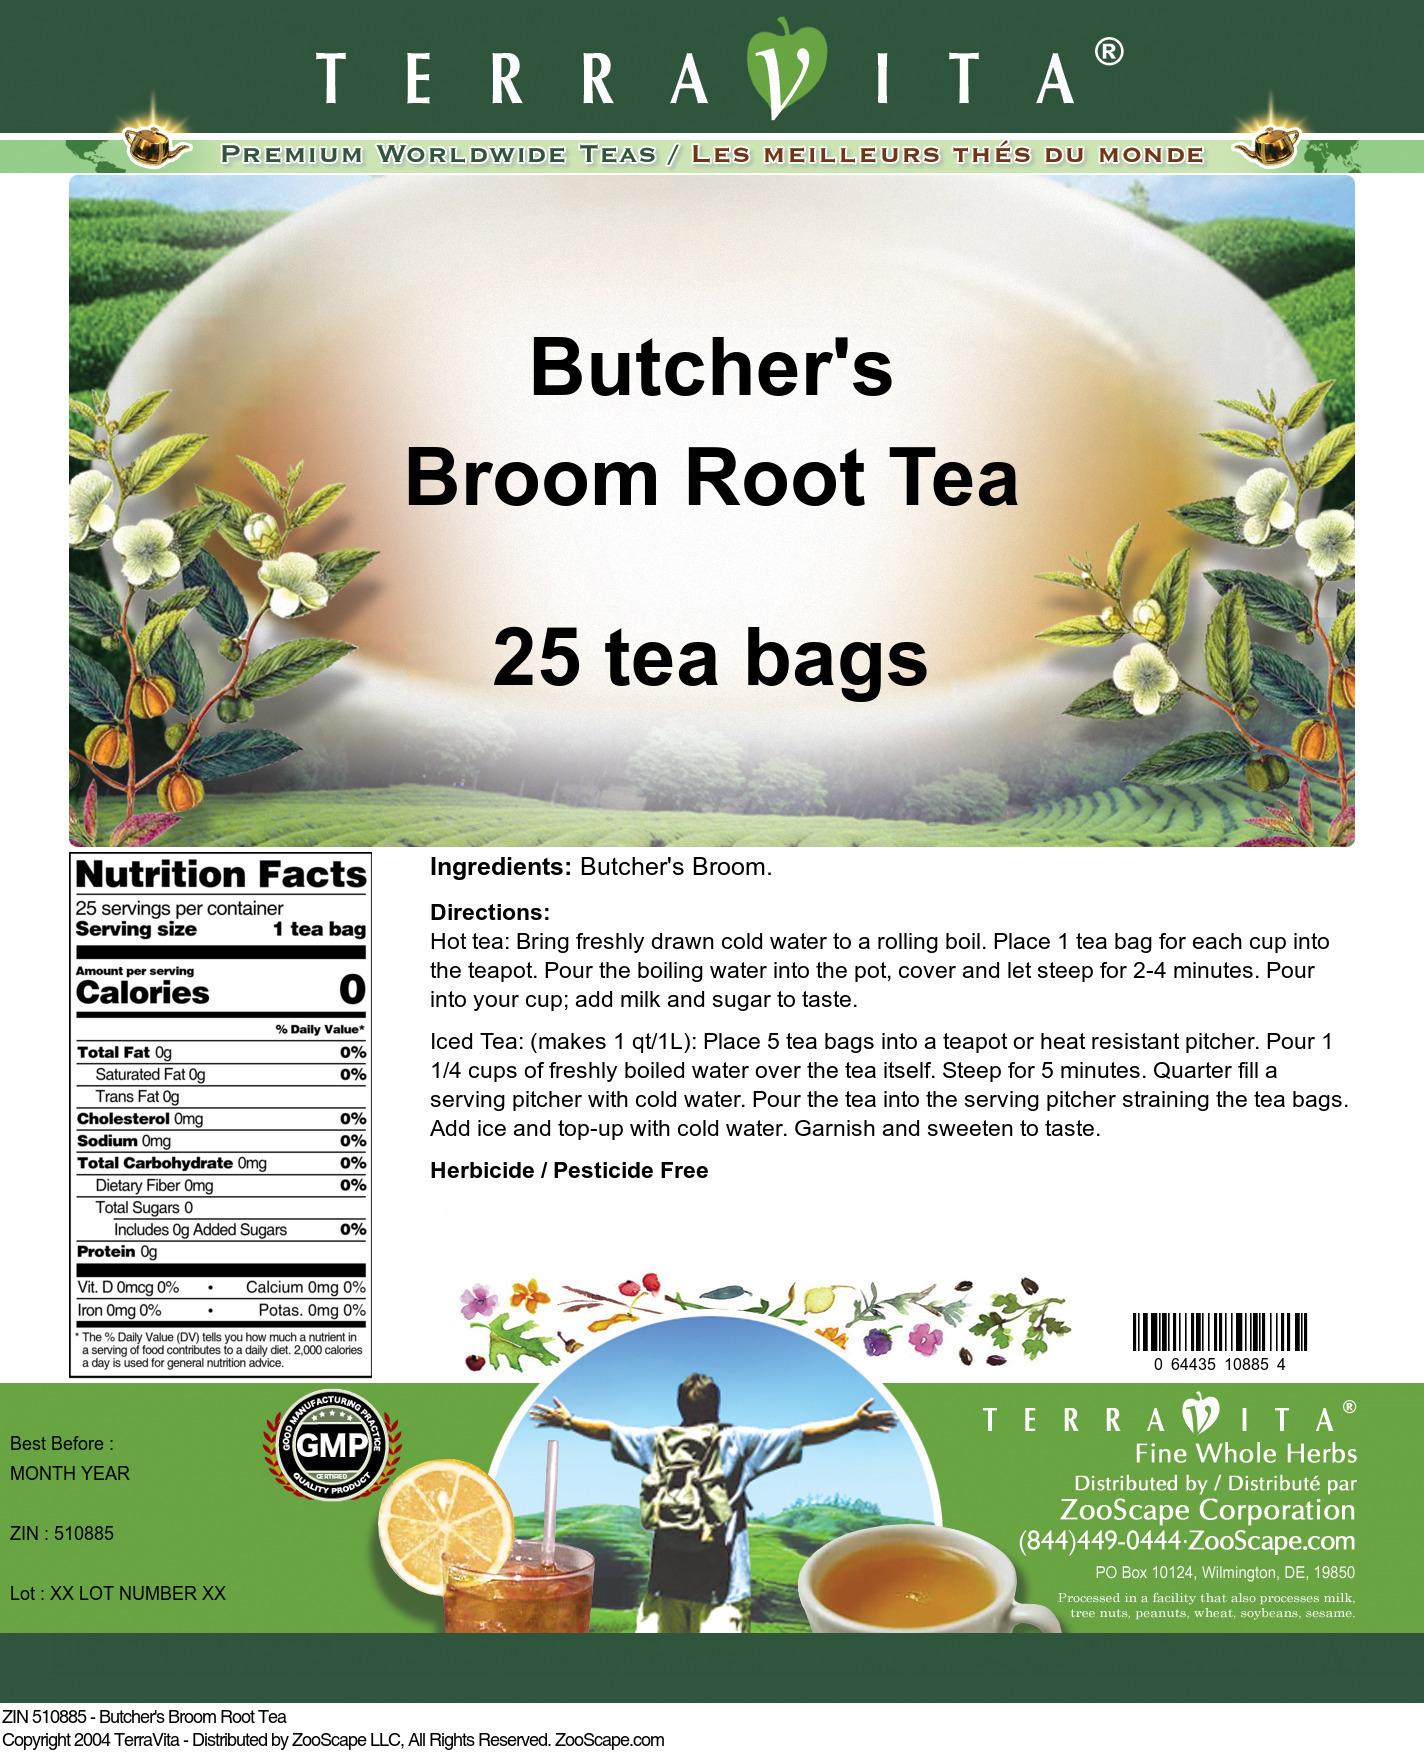 Butcher's Broom Root Tea